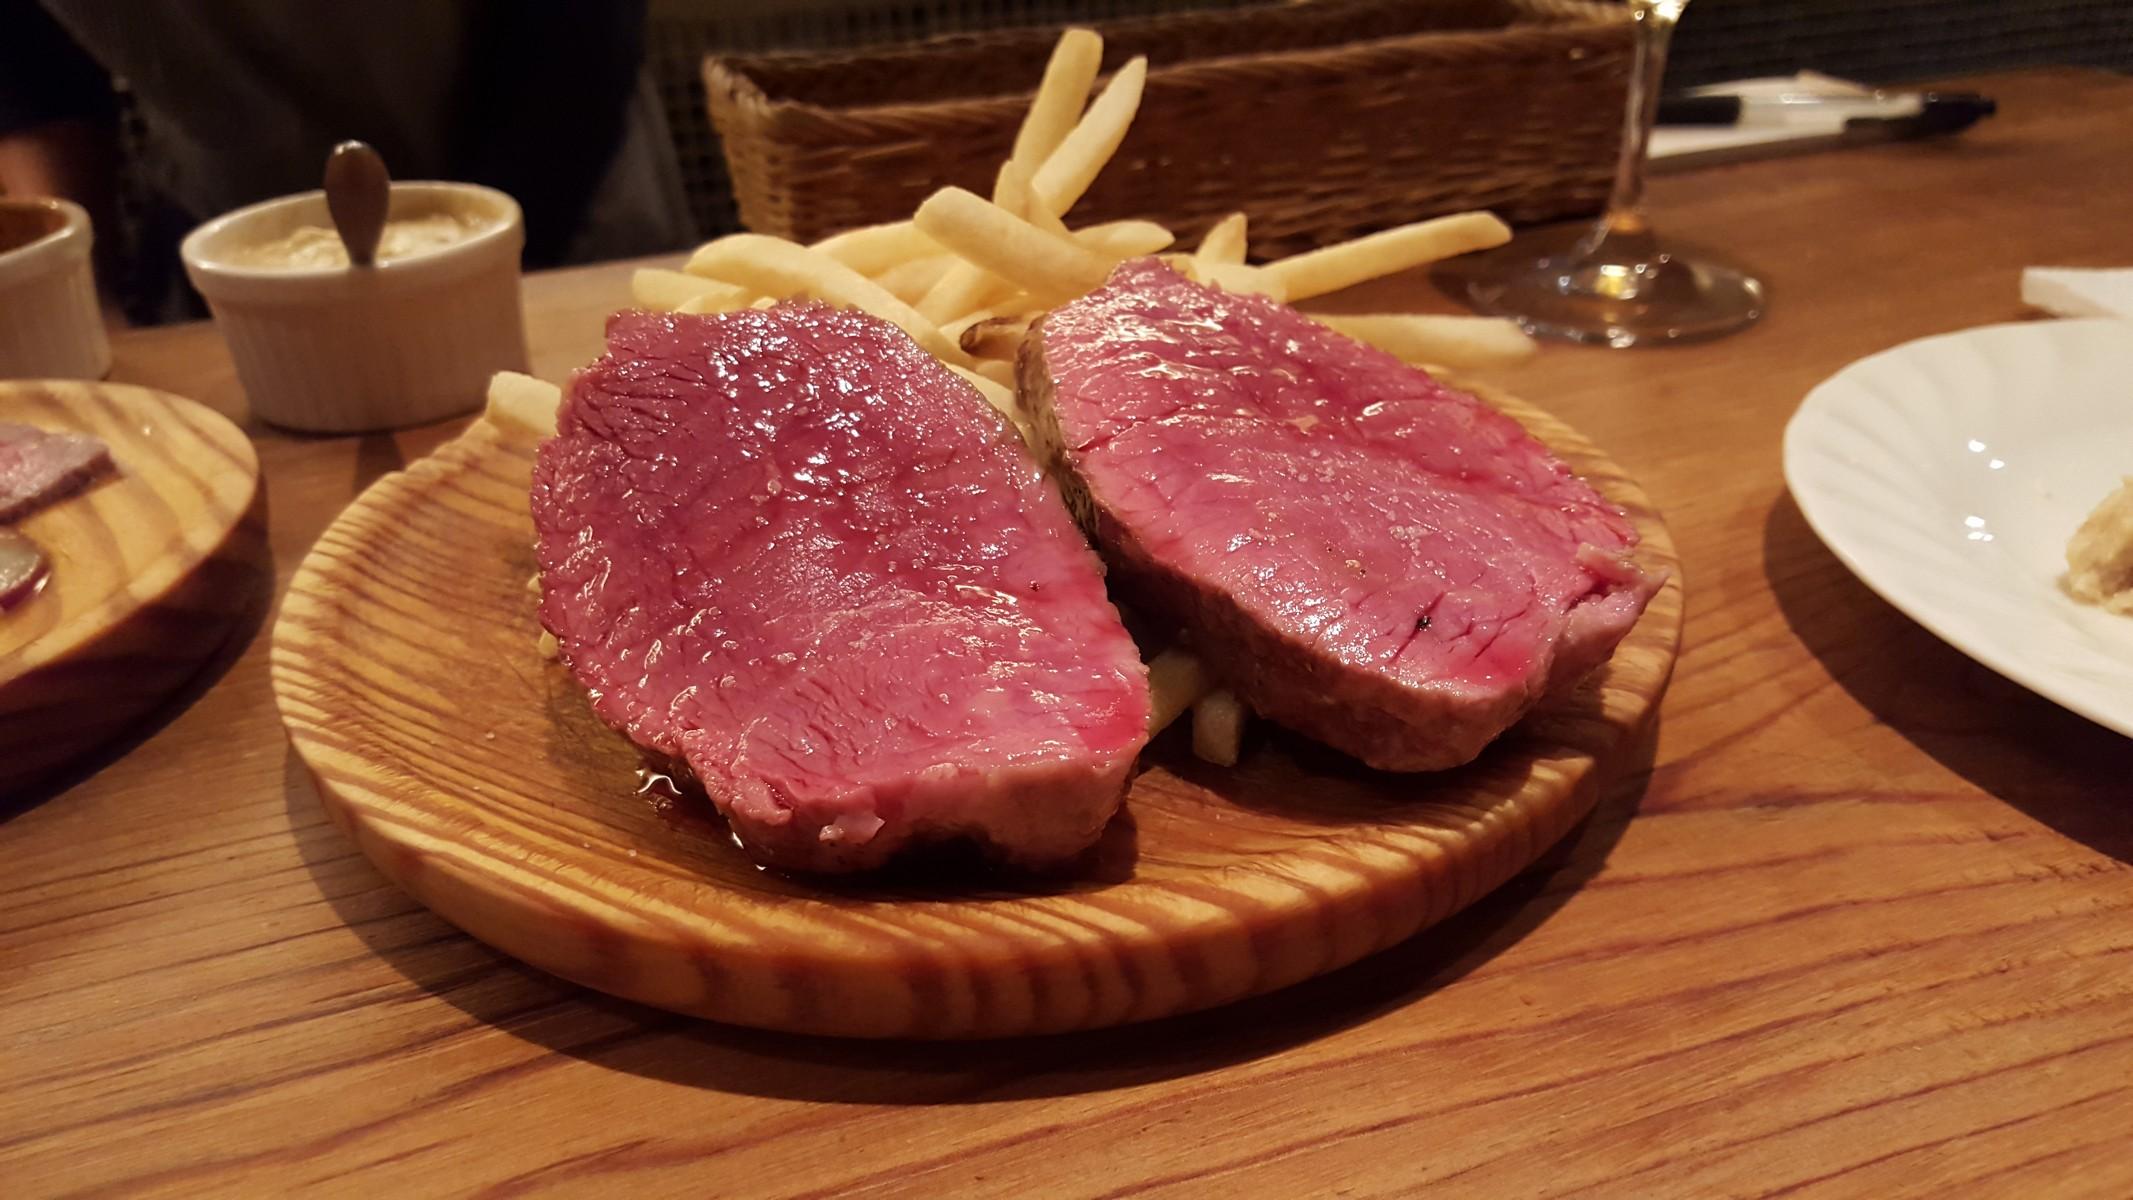 無角和牛のステーキ【Bocca/吉祥寺】